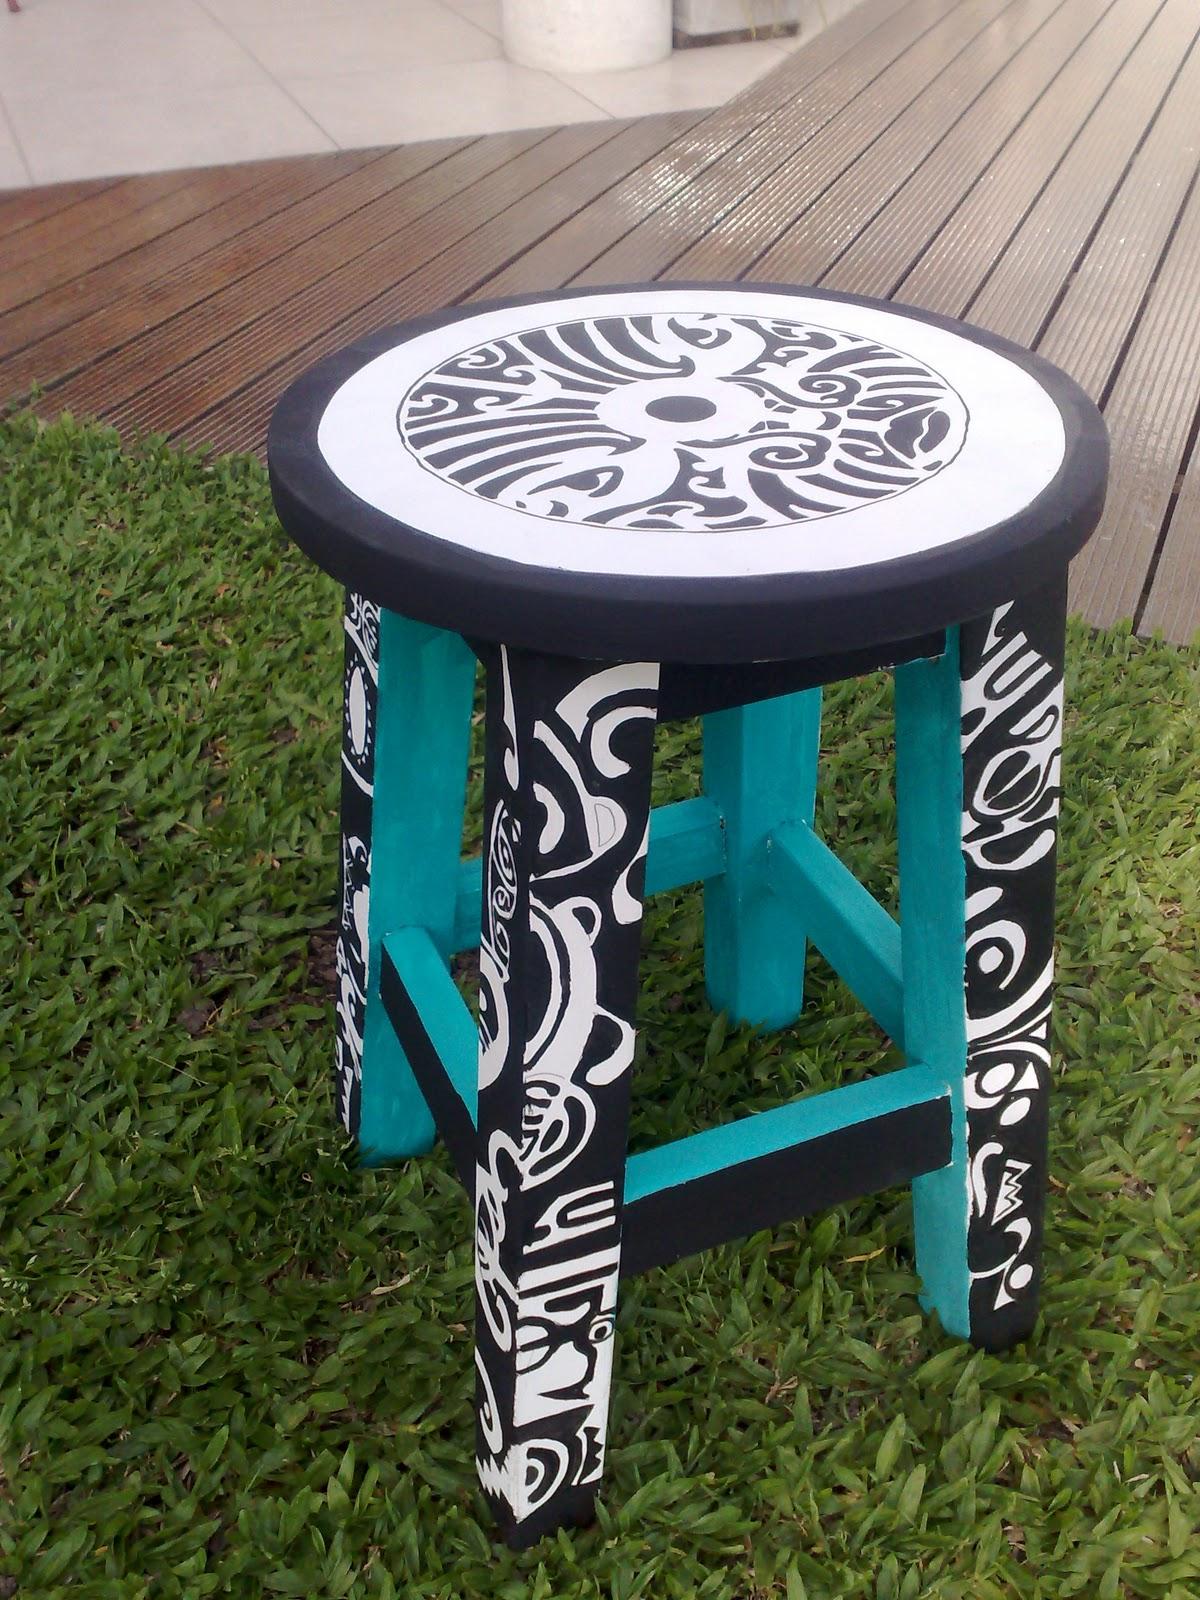 Vintouch muebles reciclados pintados a mano banqueta pintada a mano blanco y negro - Blanco y negro paint ...